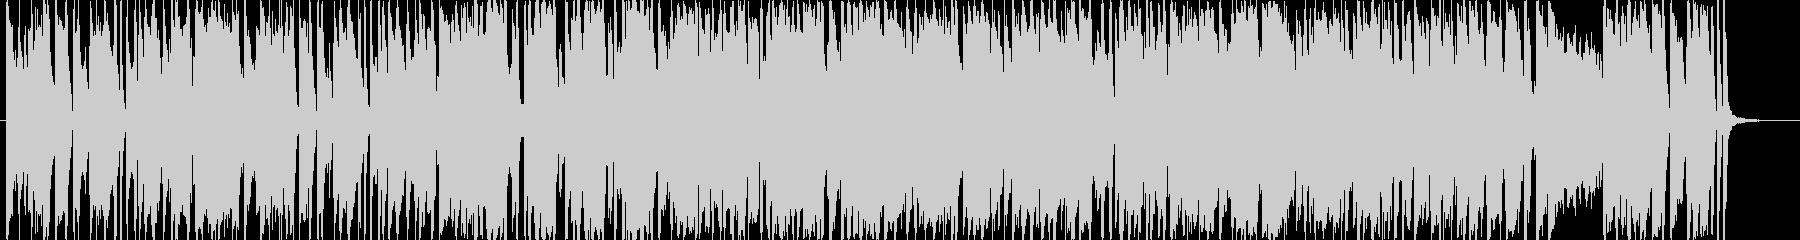 明るいポップス ゲーム機のピコピコ音の未再生の波形